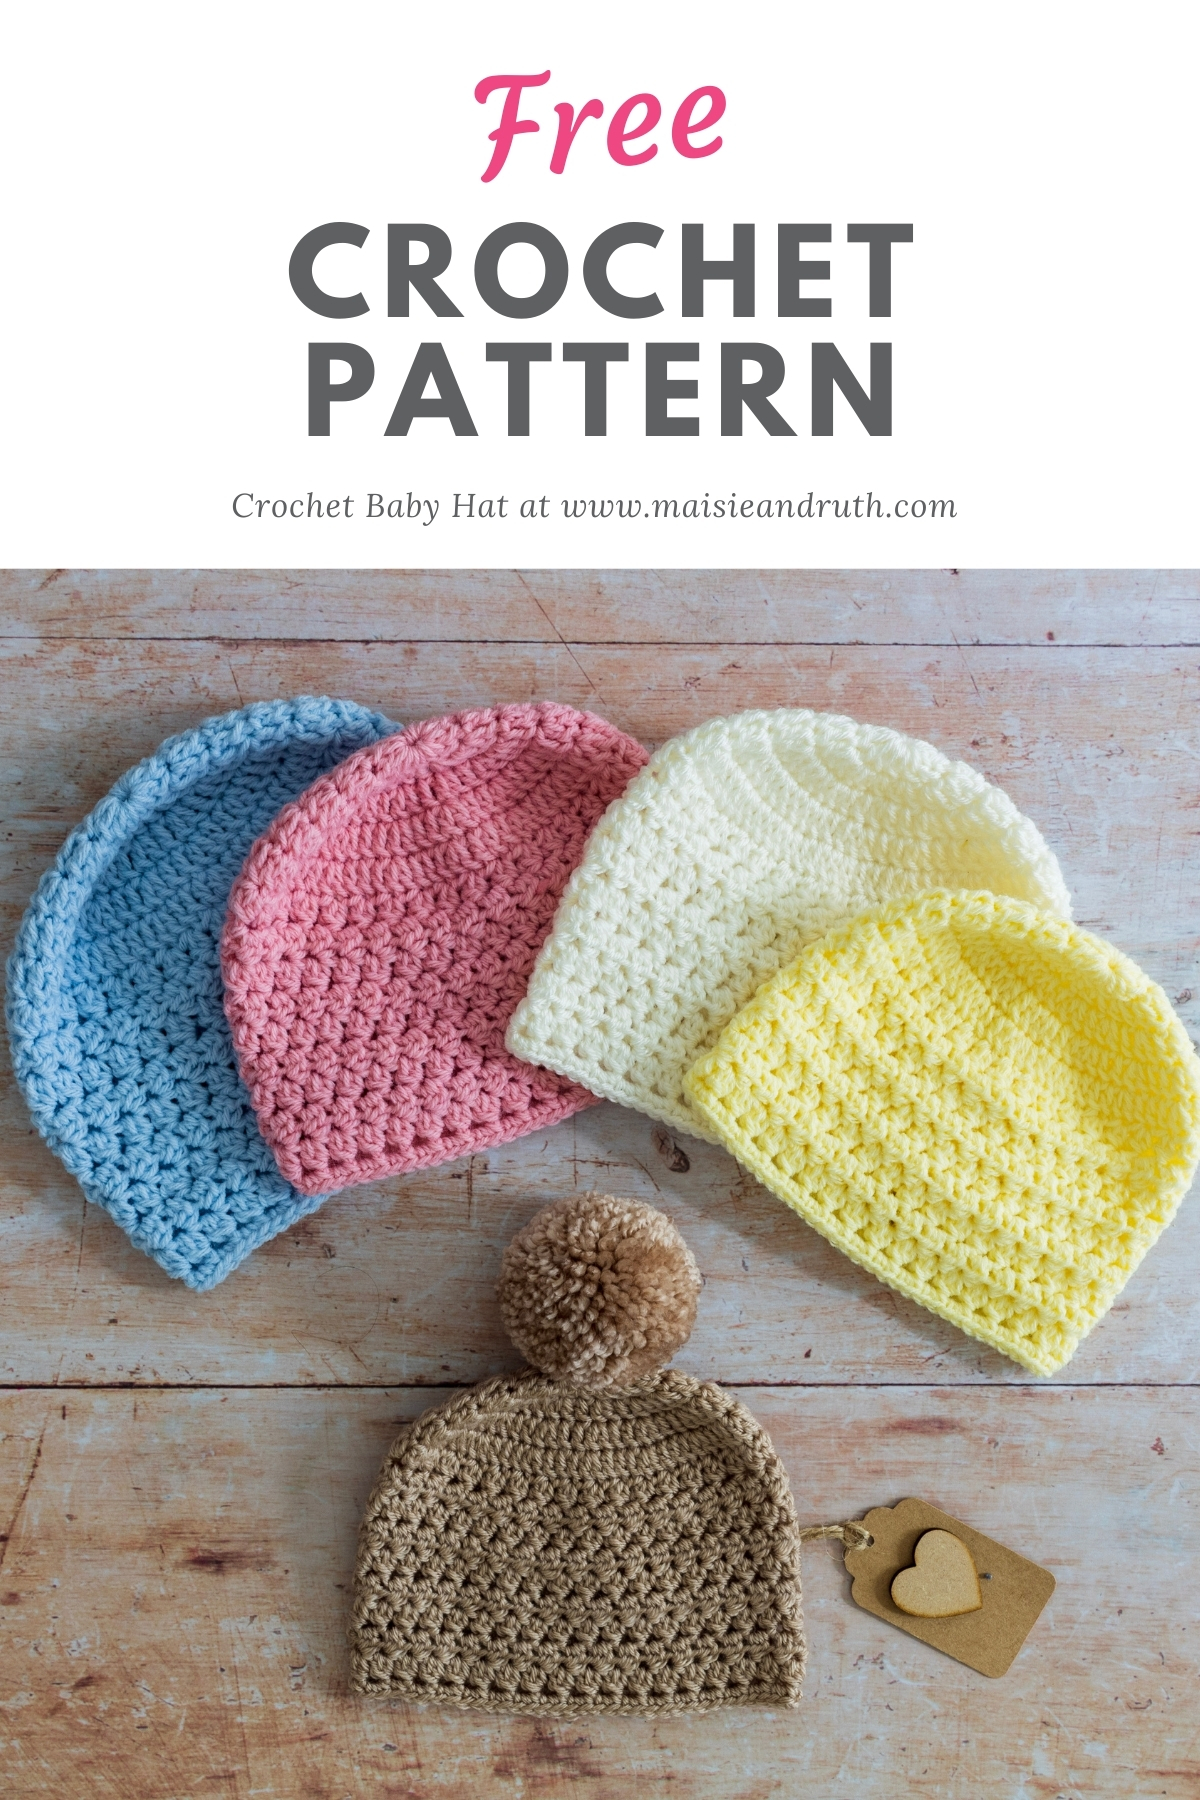 Crochet Baby Hat Free Crochet Pattern Pin 1